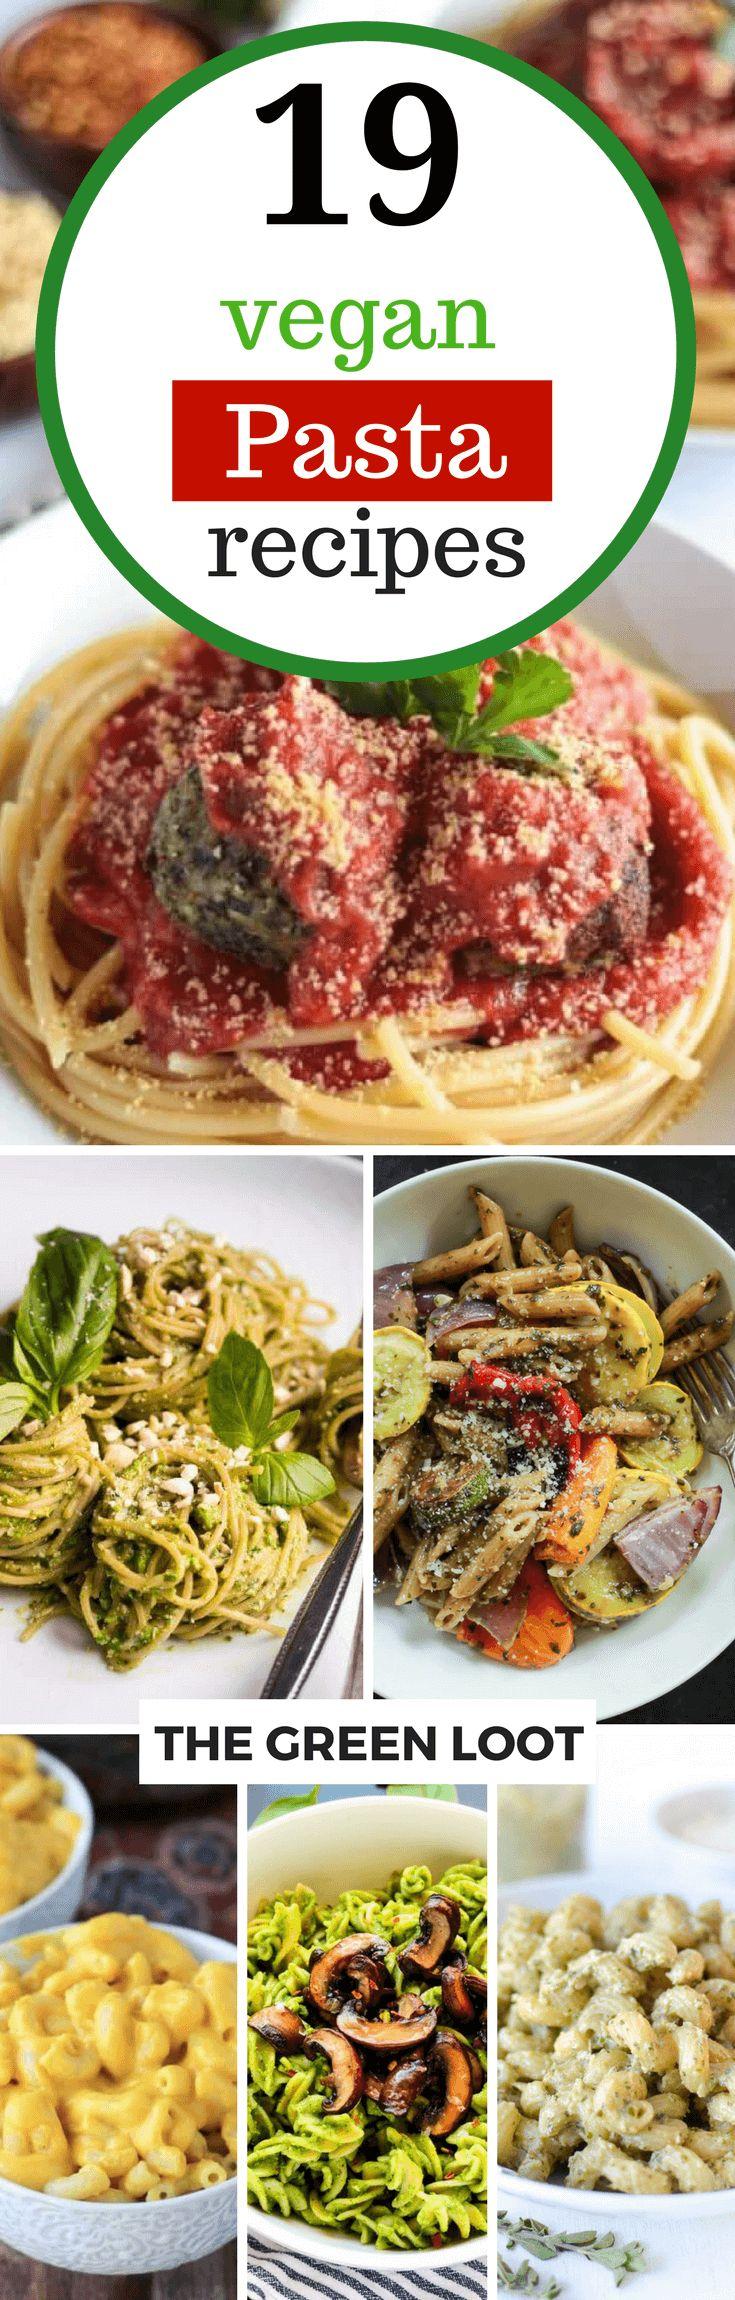 19 hervorragende italienische vegane Pasta-Rezepte für das Mittagessen